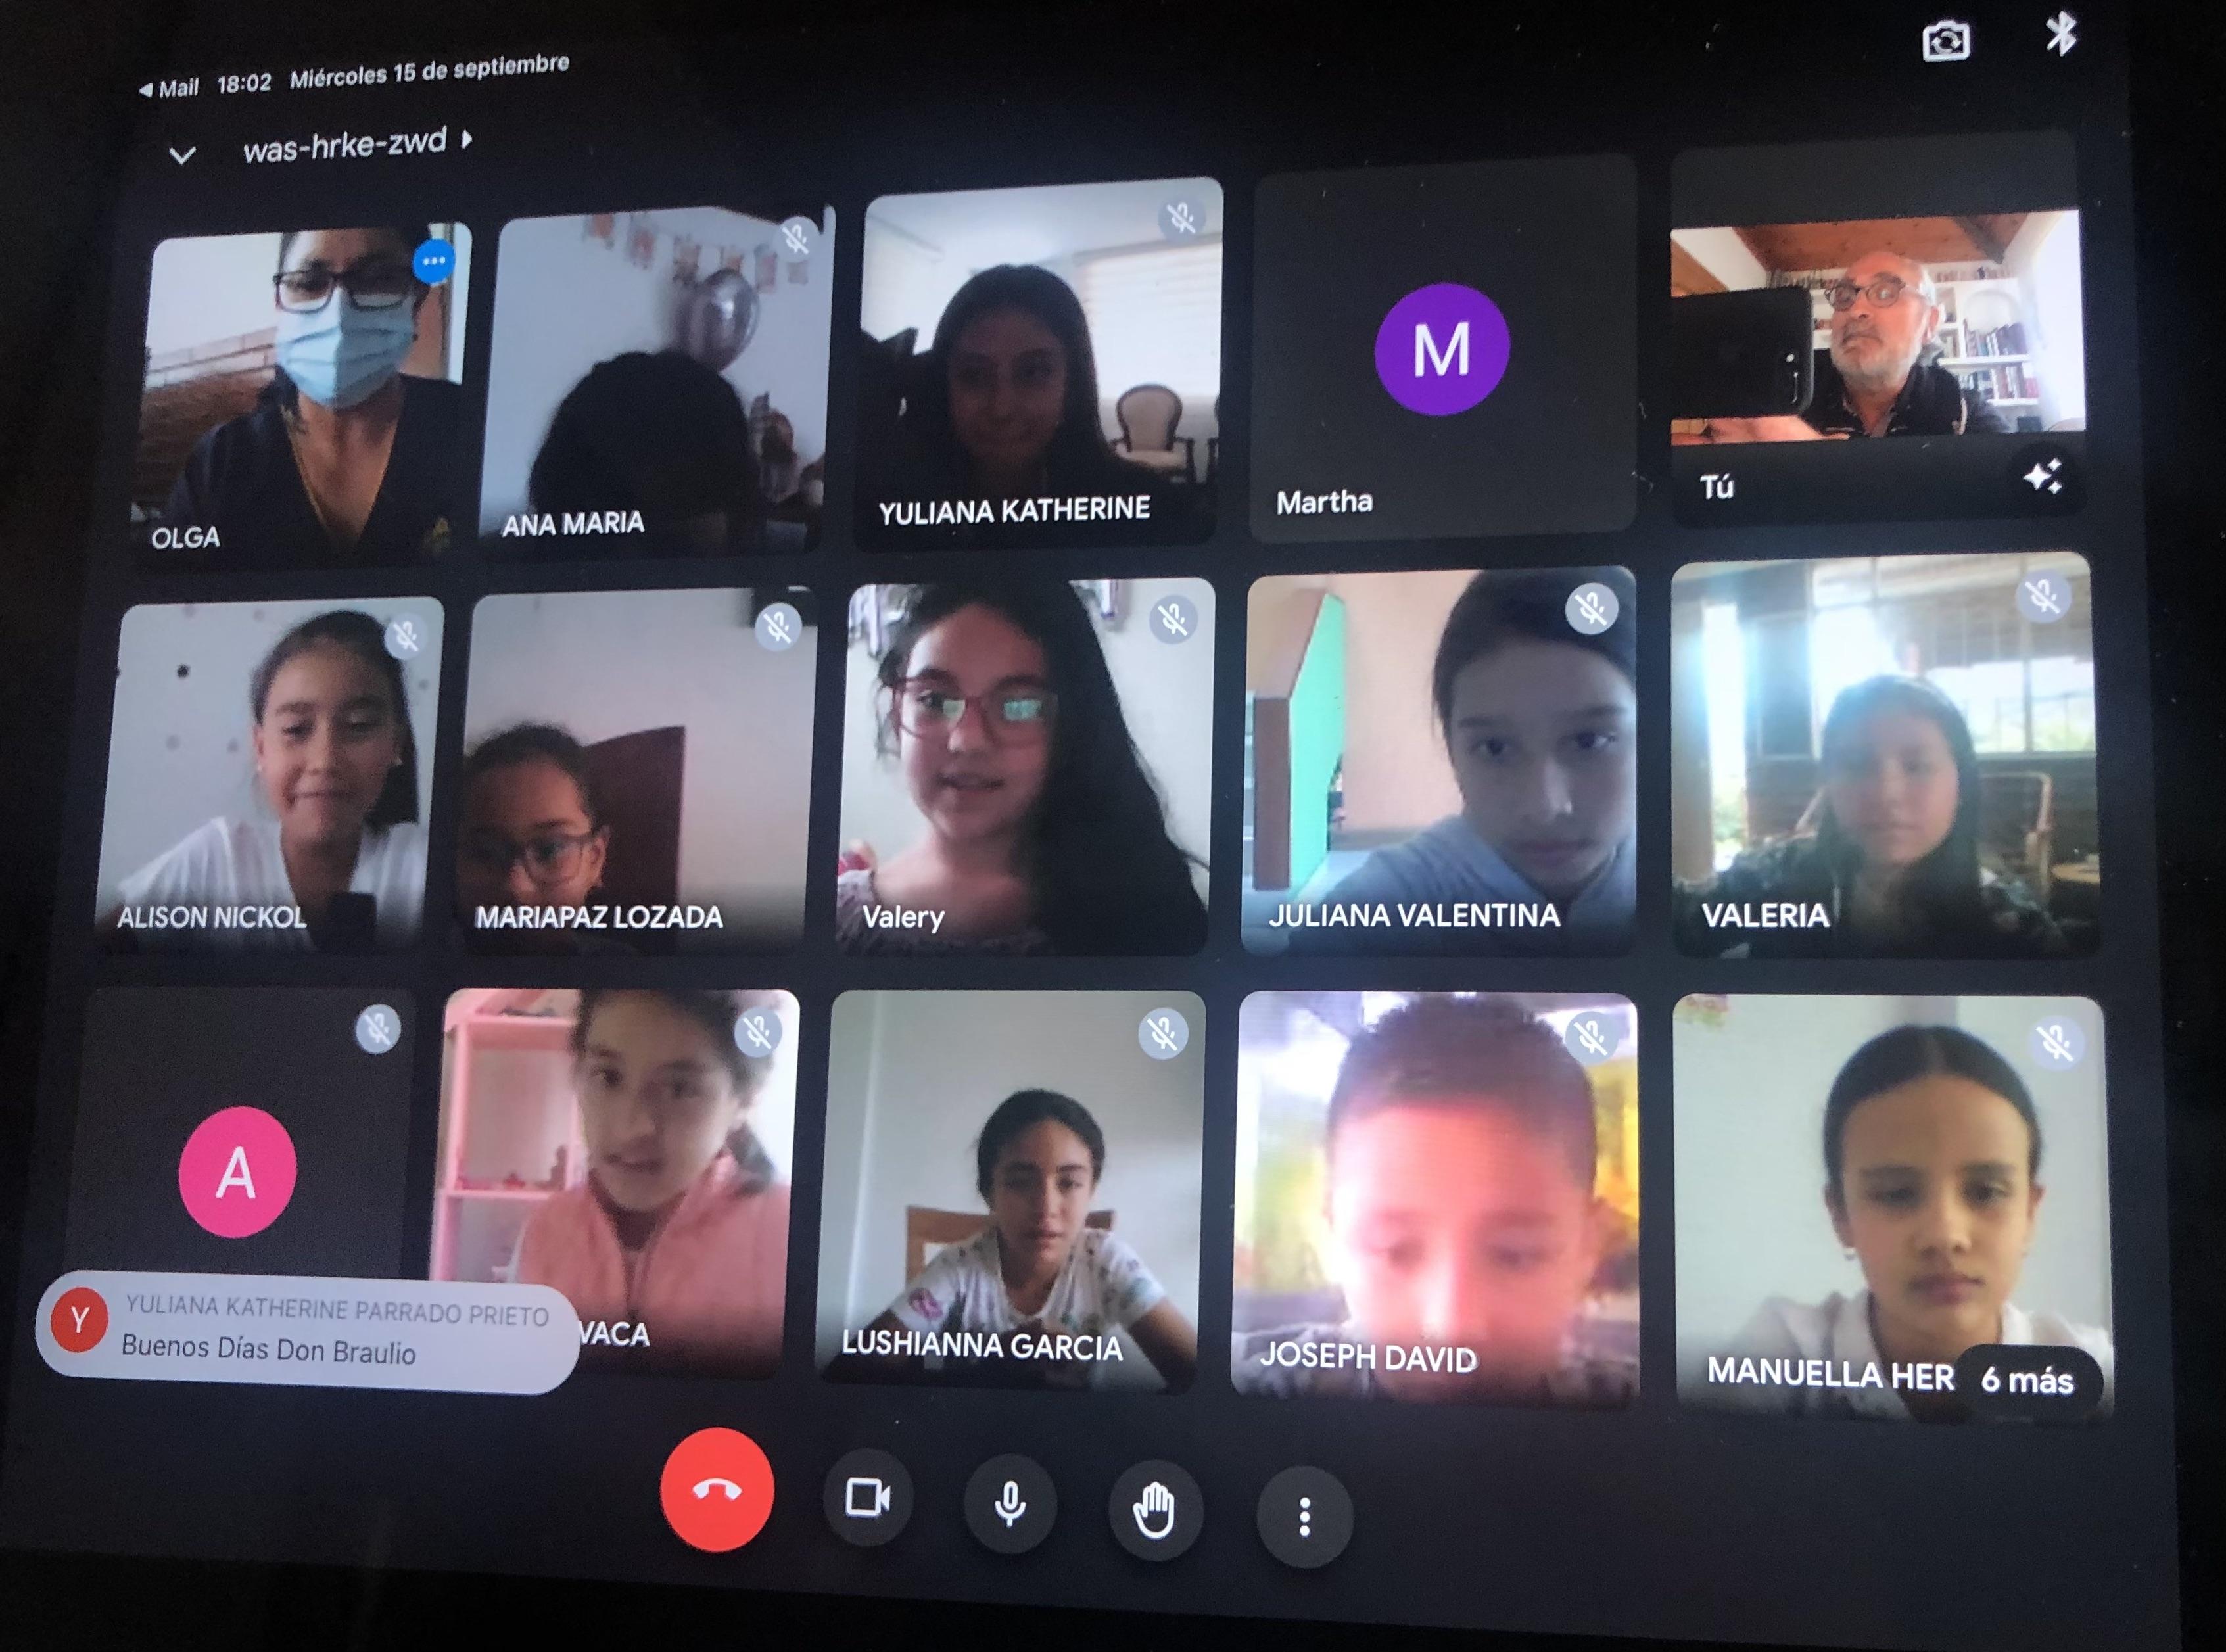 Nuevo encuentro con escolares de Bogotá